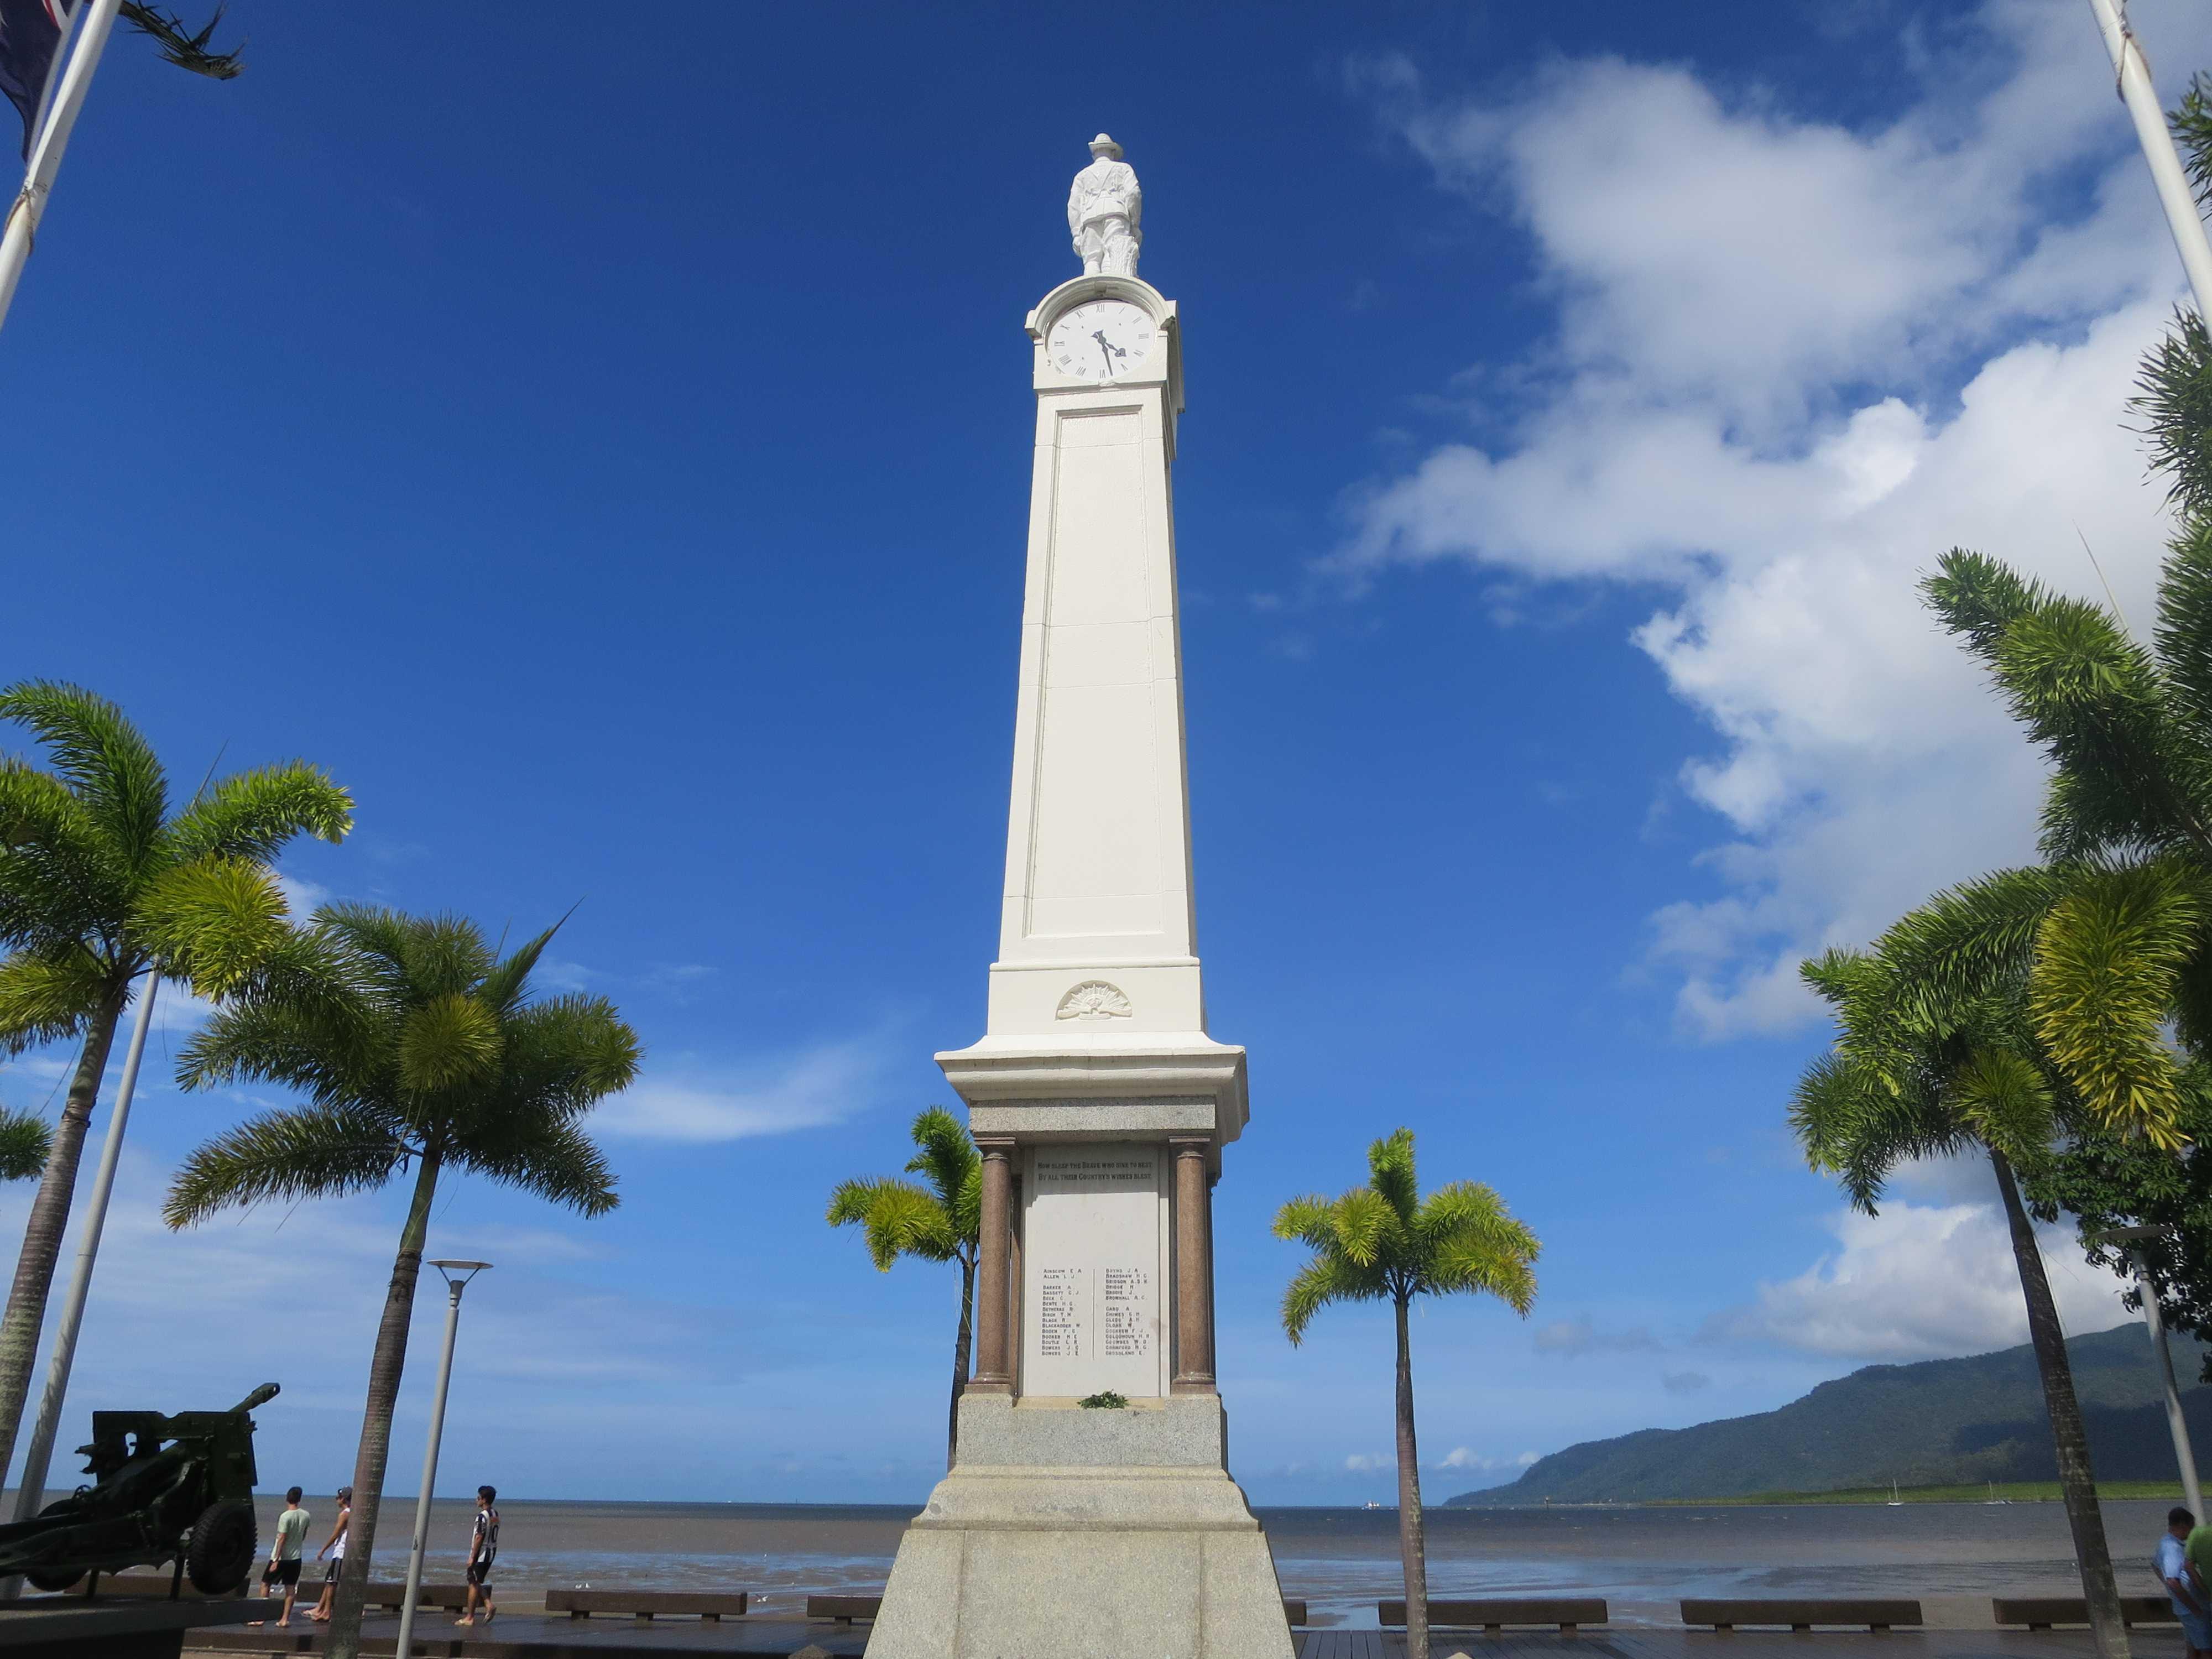 第一次世界大戦に参戦したケアンズの人々を顕彰する記念塔